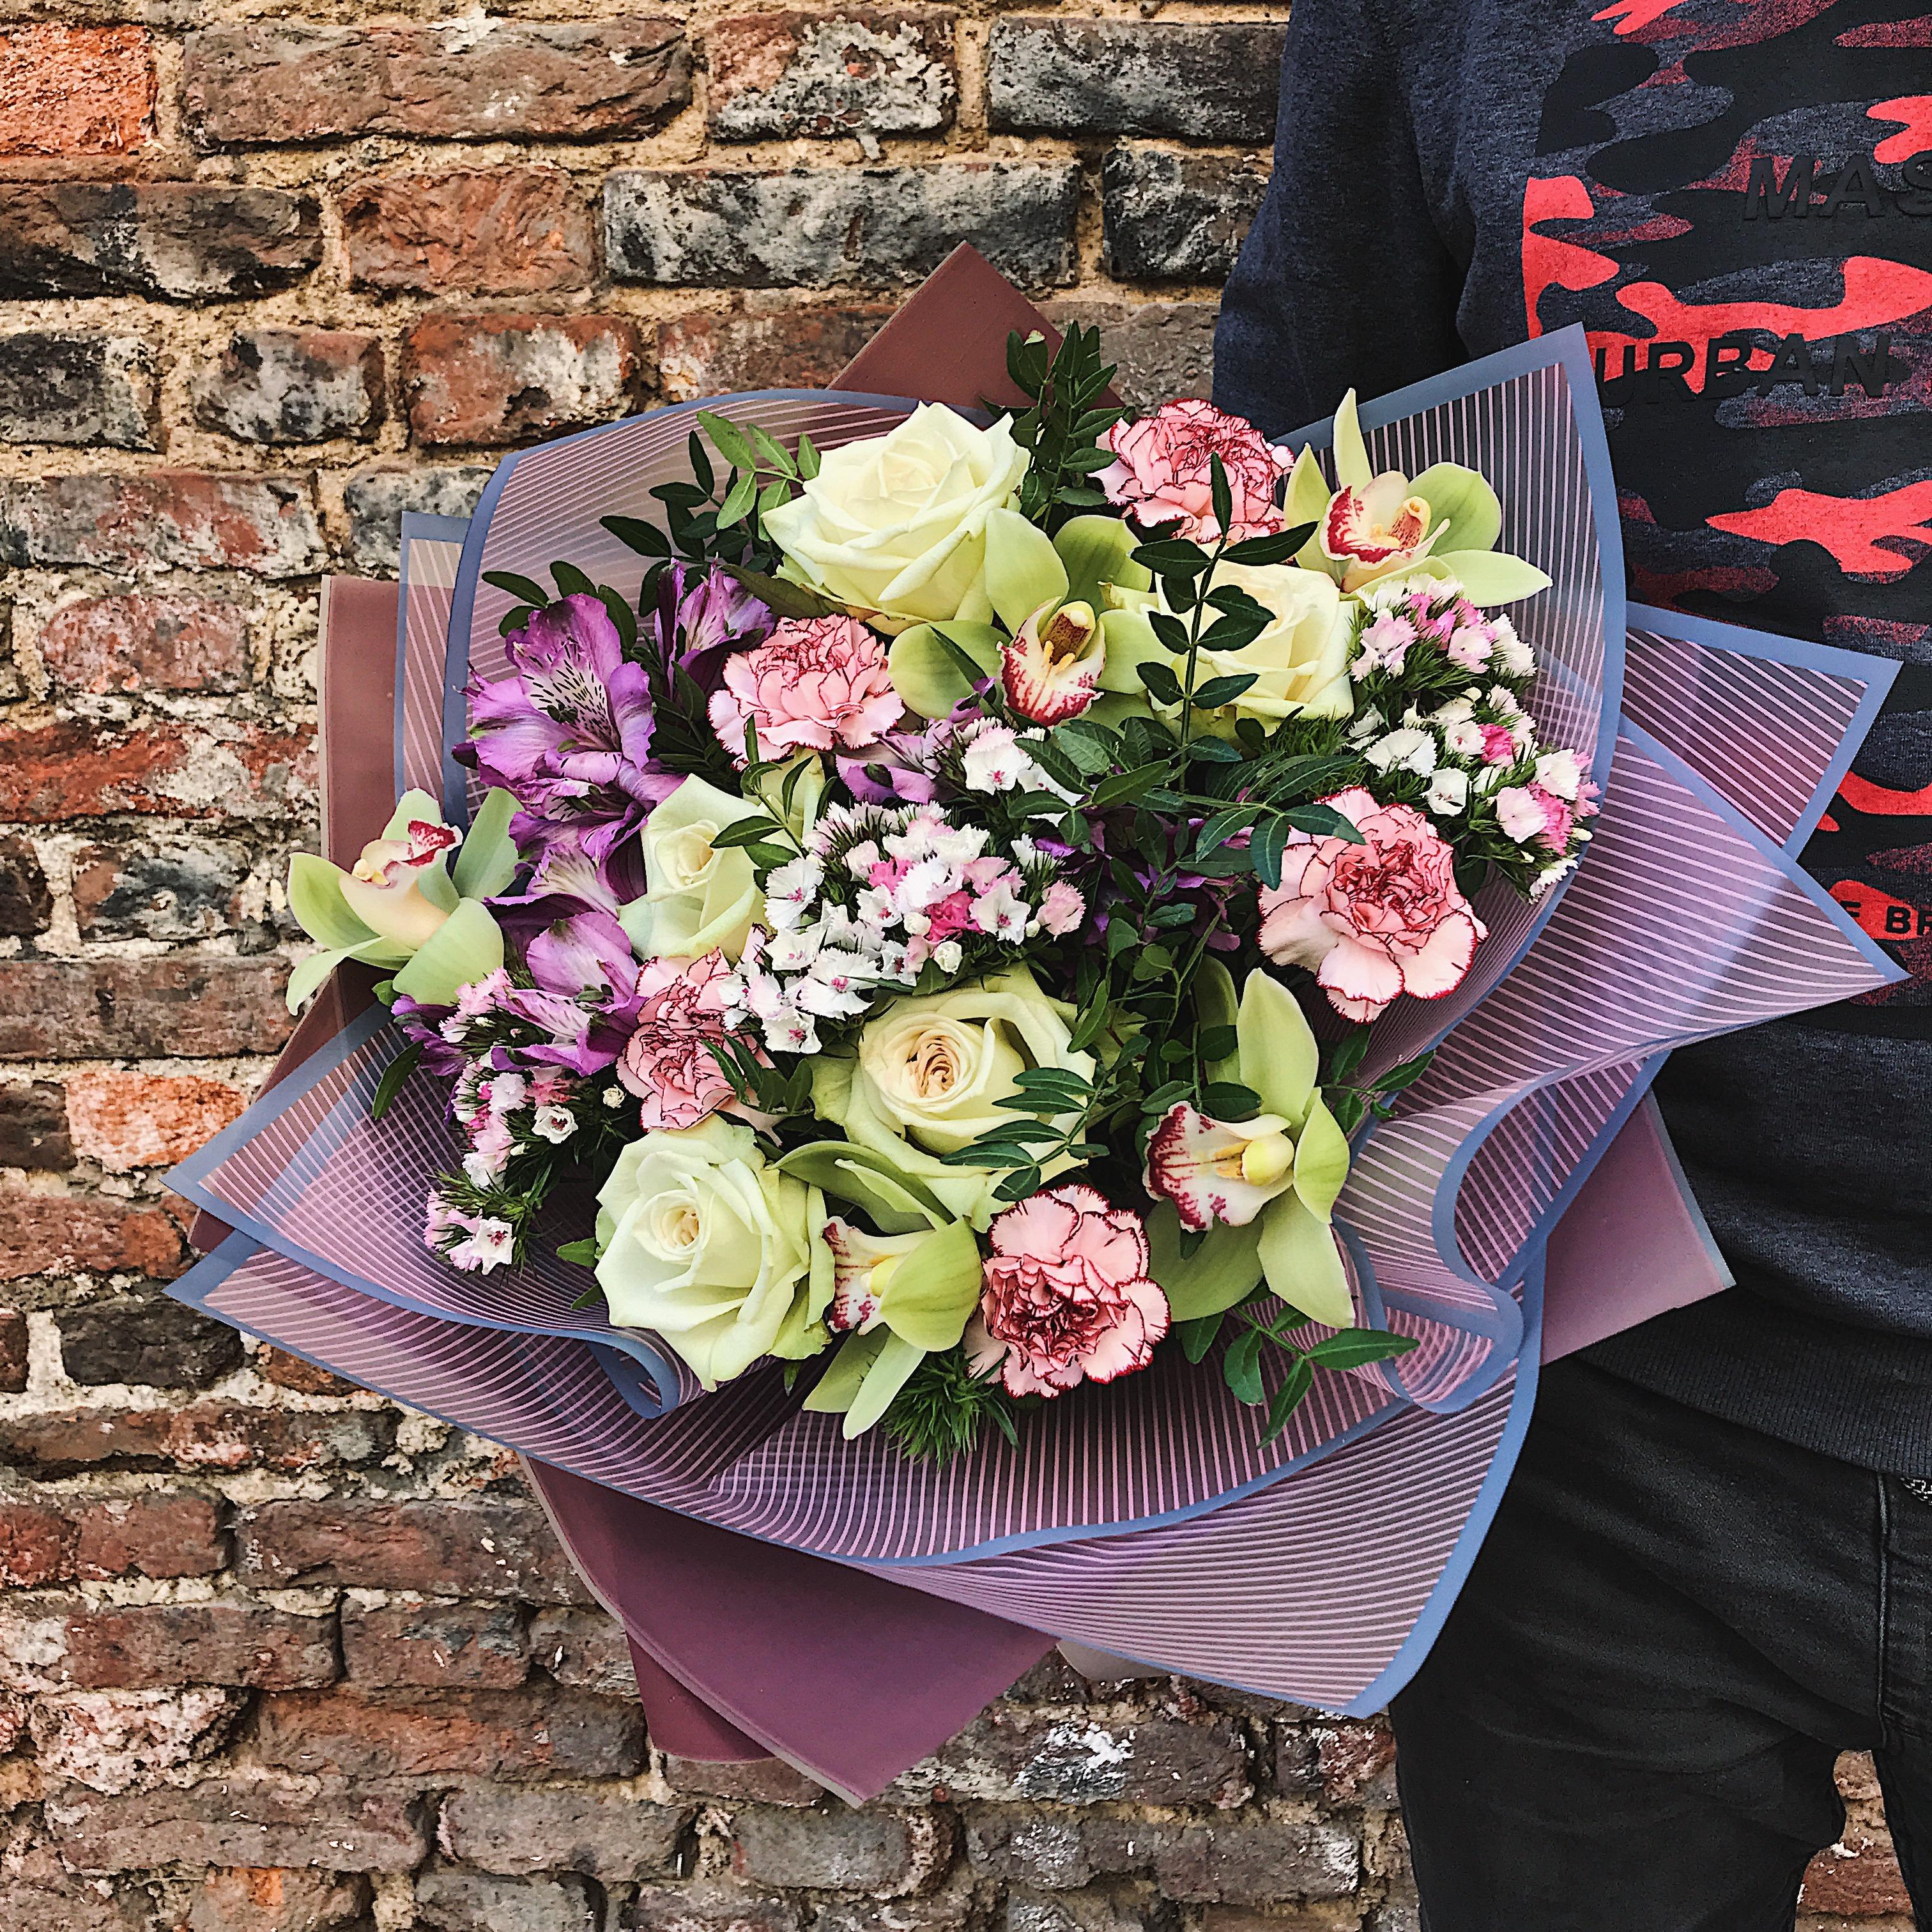 Доставка цветов ст. китс, доставка